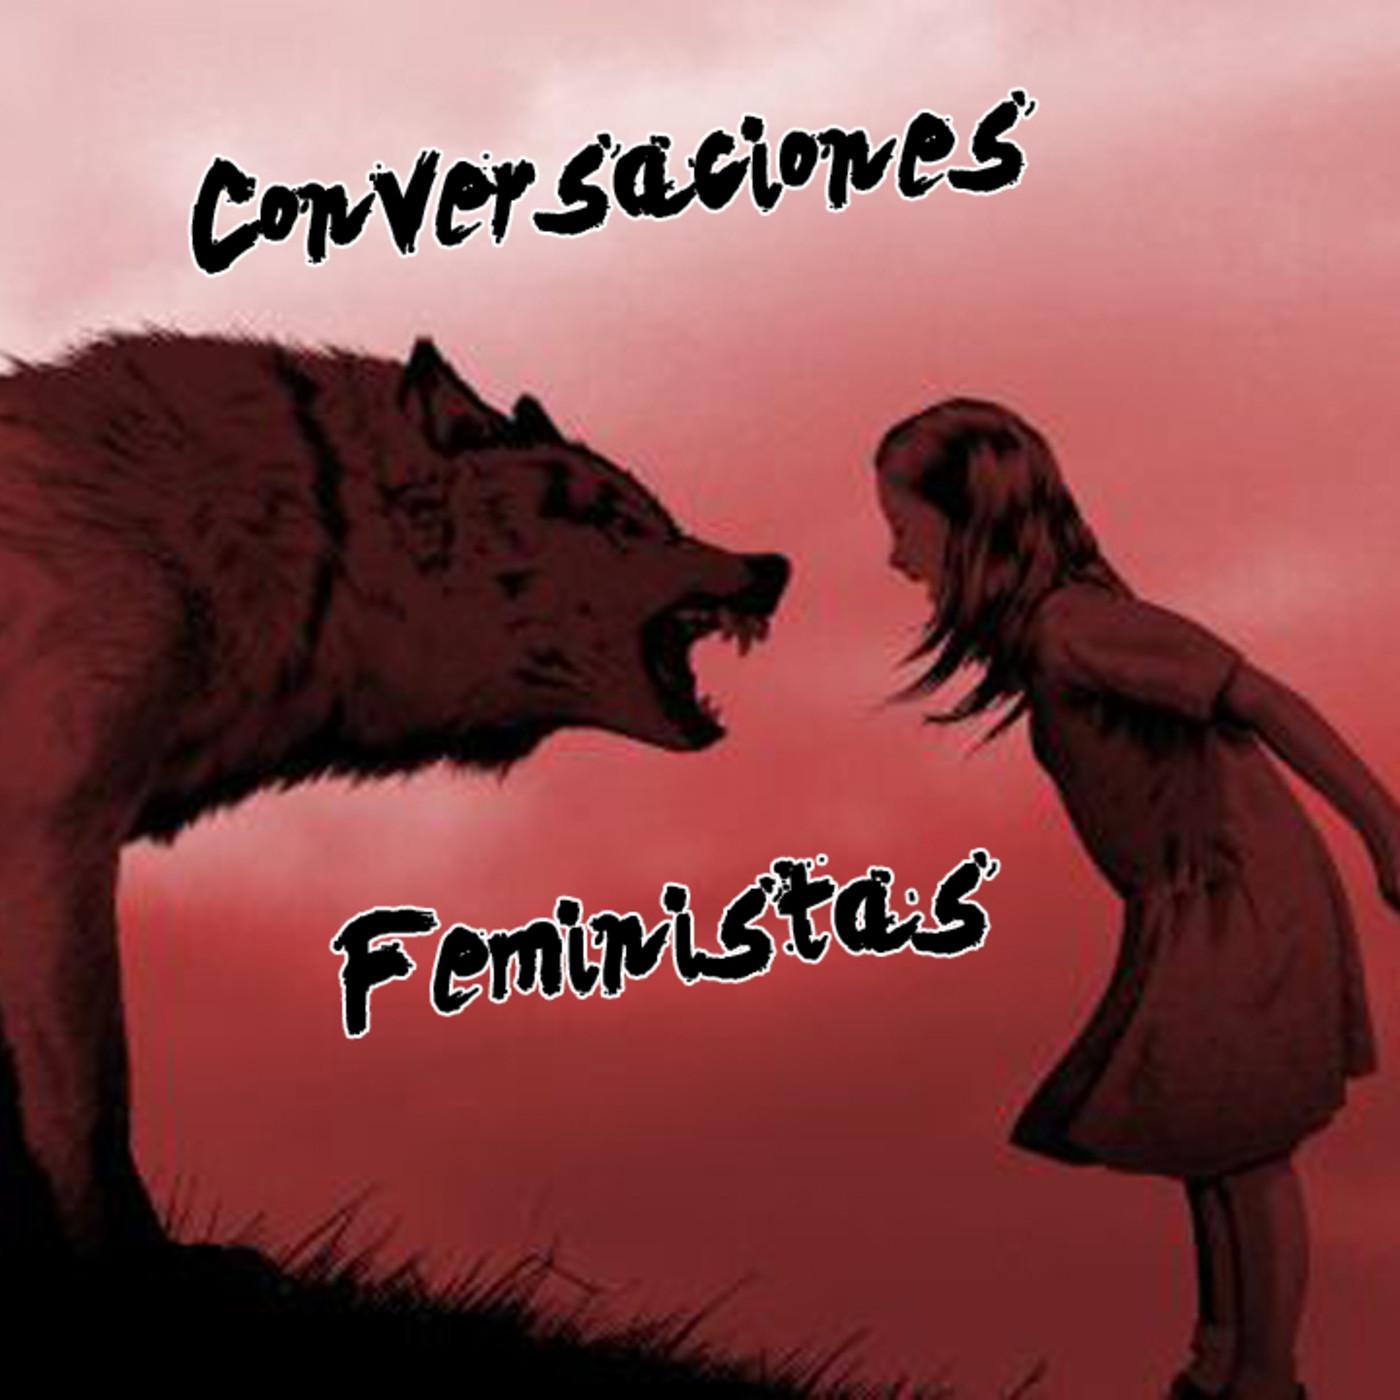 Conversaciones Feministas: feminismo en los juegos